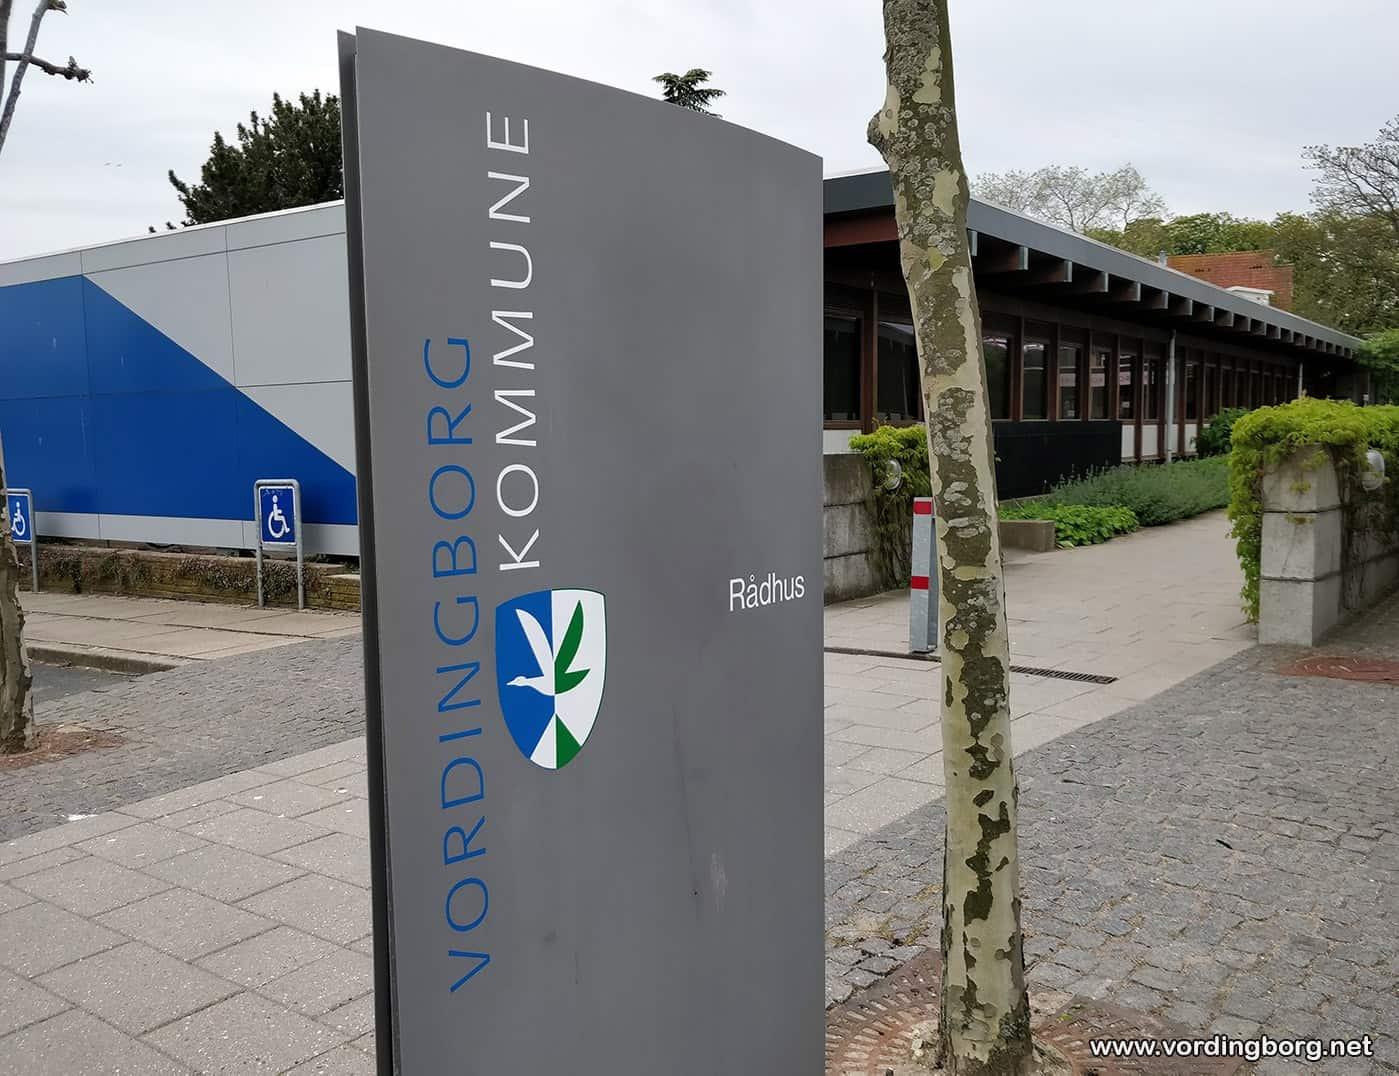 Forværret regnskab på arbejdsmarkedsområdet i Vordingborg Kommune – yderligere budgetunderskud på 18 mio. kroner